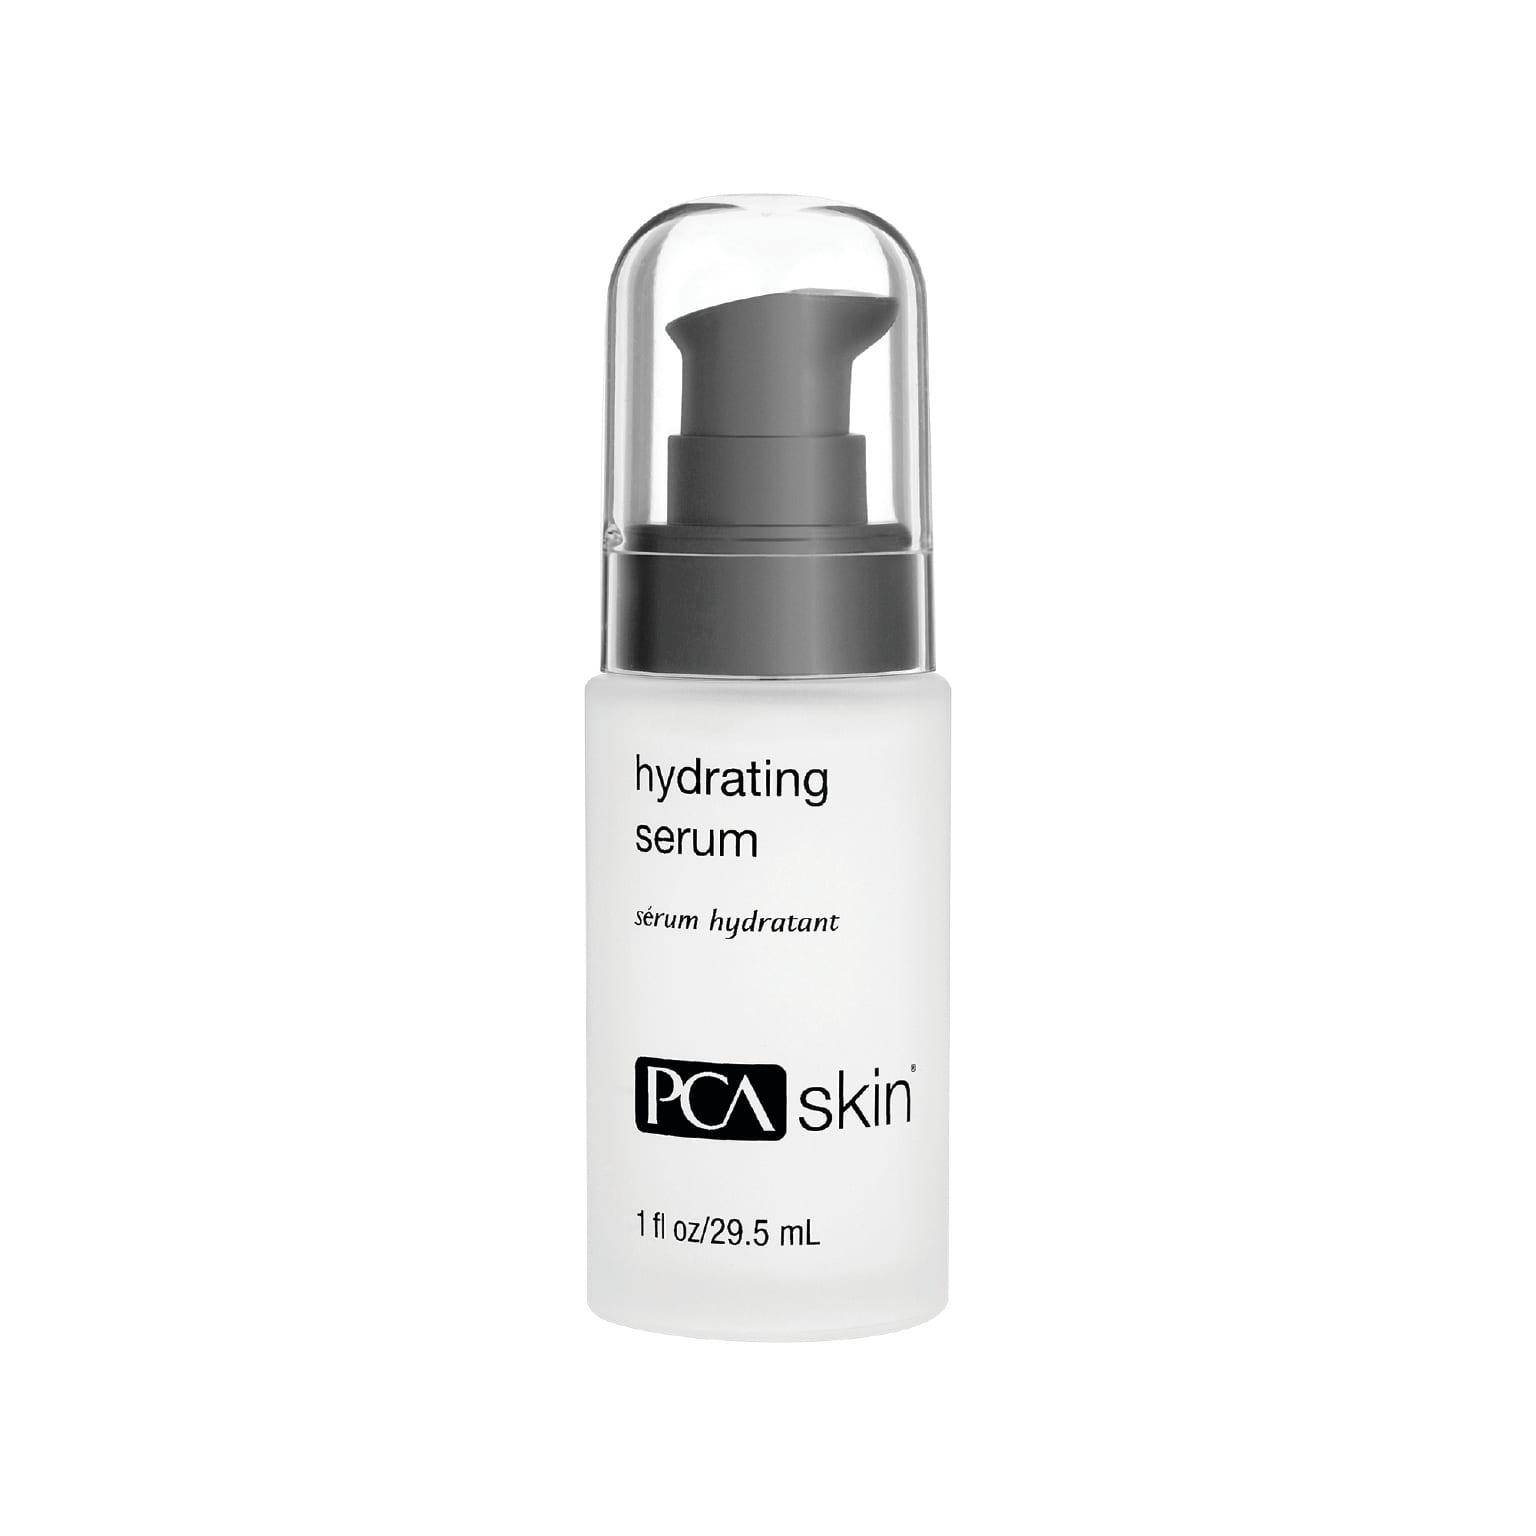 PCA Skin - Hydrating Serum